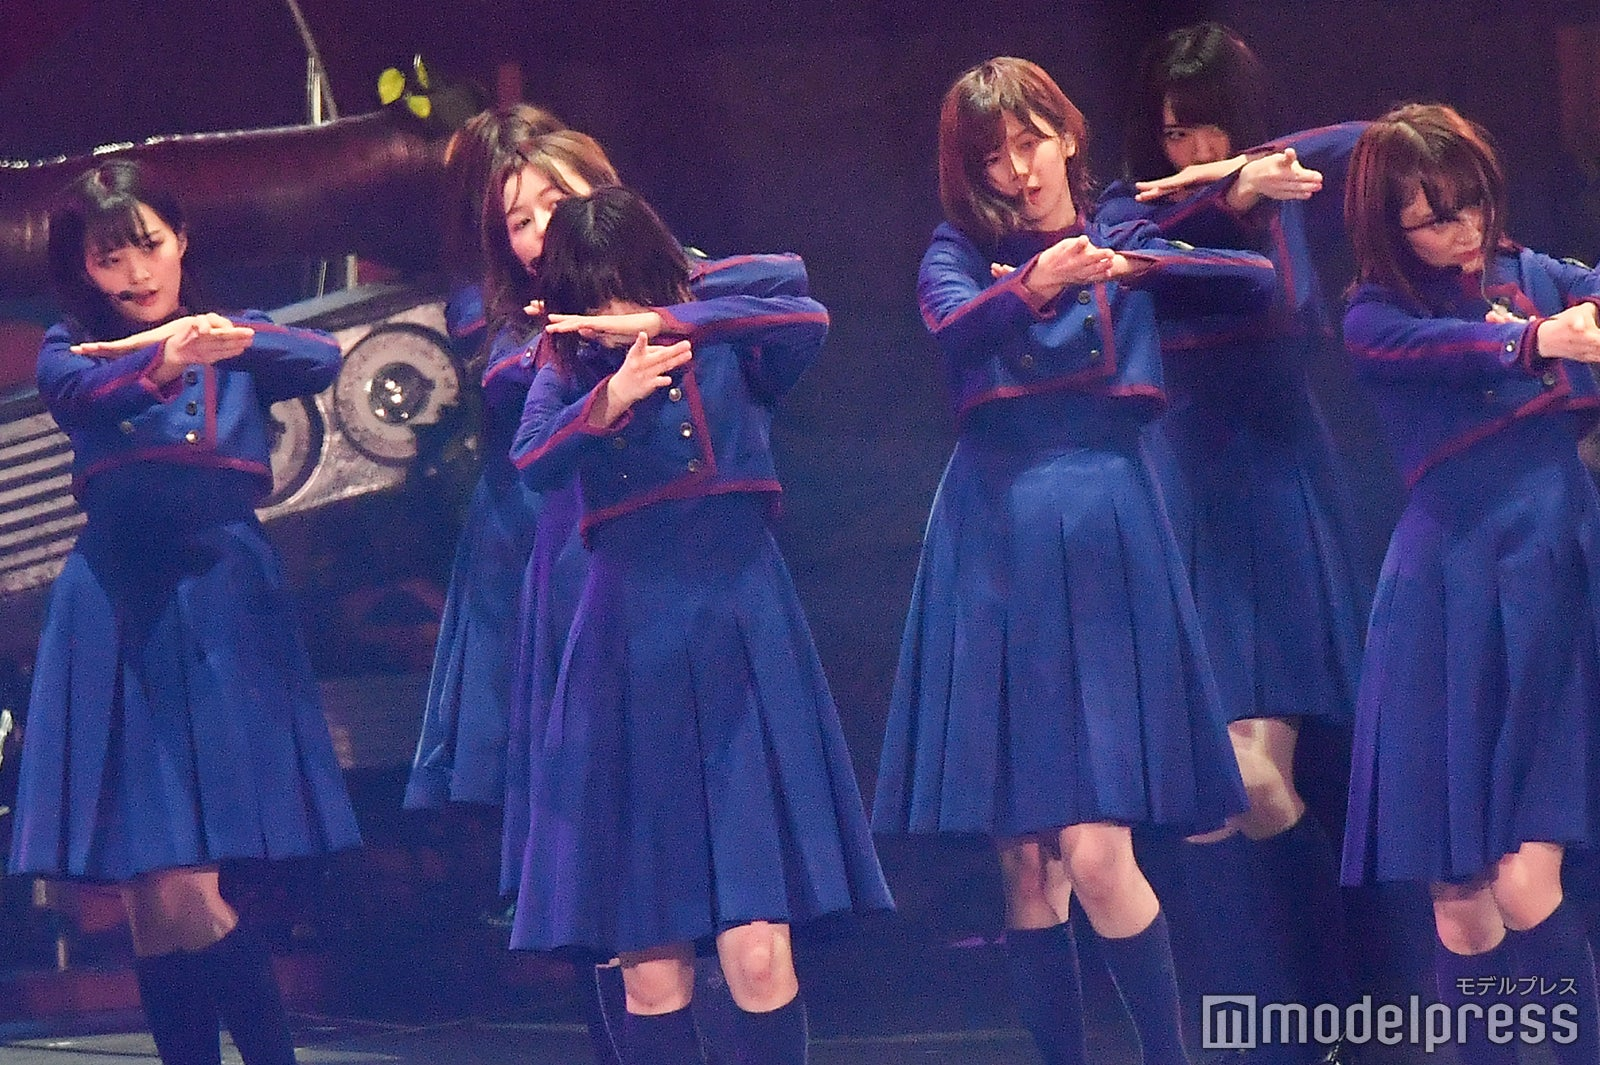 欅坂46、平手友梨奈センターで「不協和音」紅白ぶり披露 東京